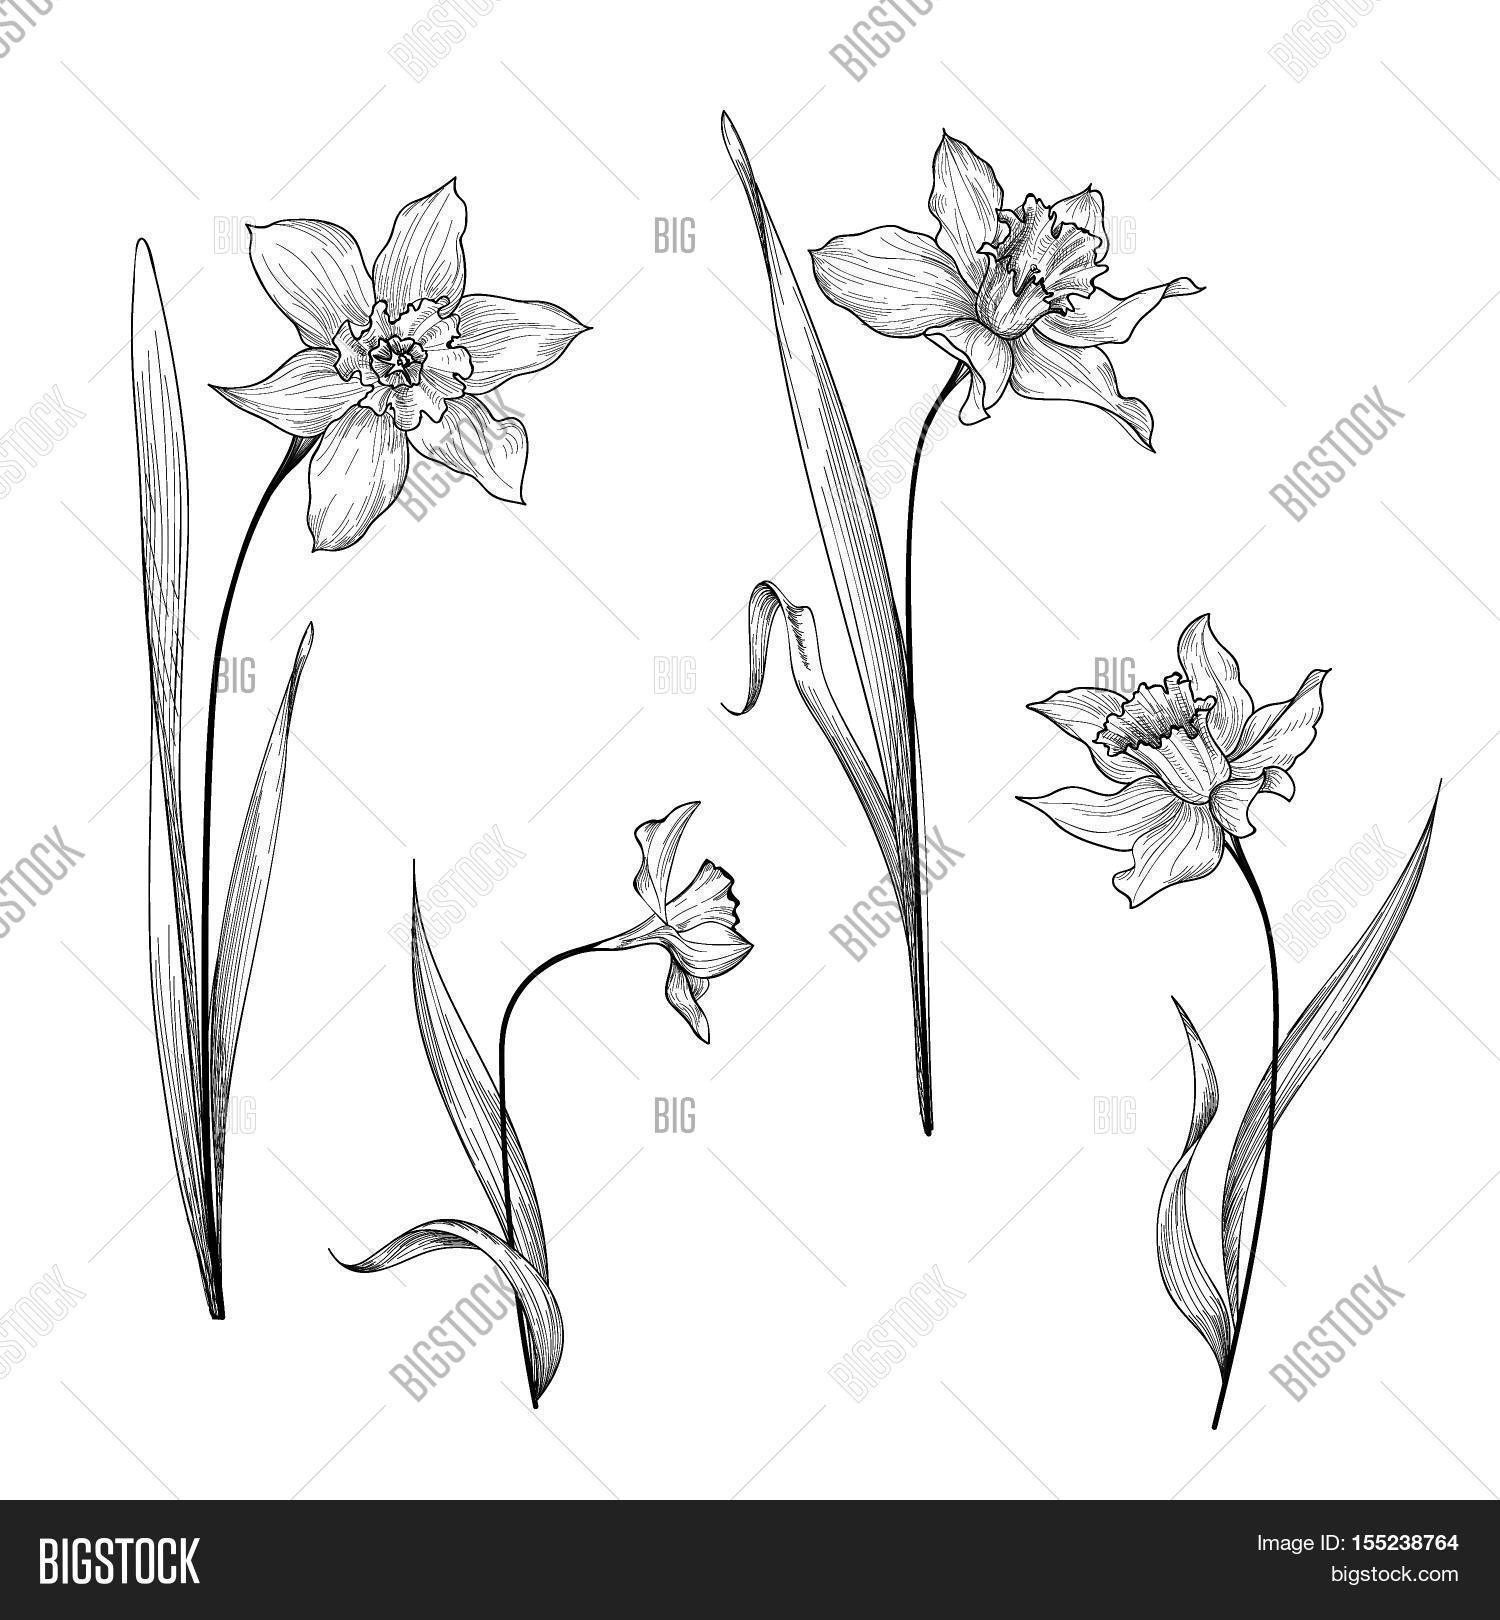 Flower garden sketch - Flower Daffodil Botanical Engraving Background Floral Ornamental Design Element For